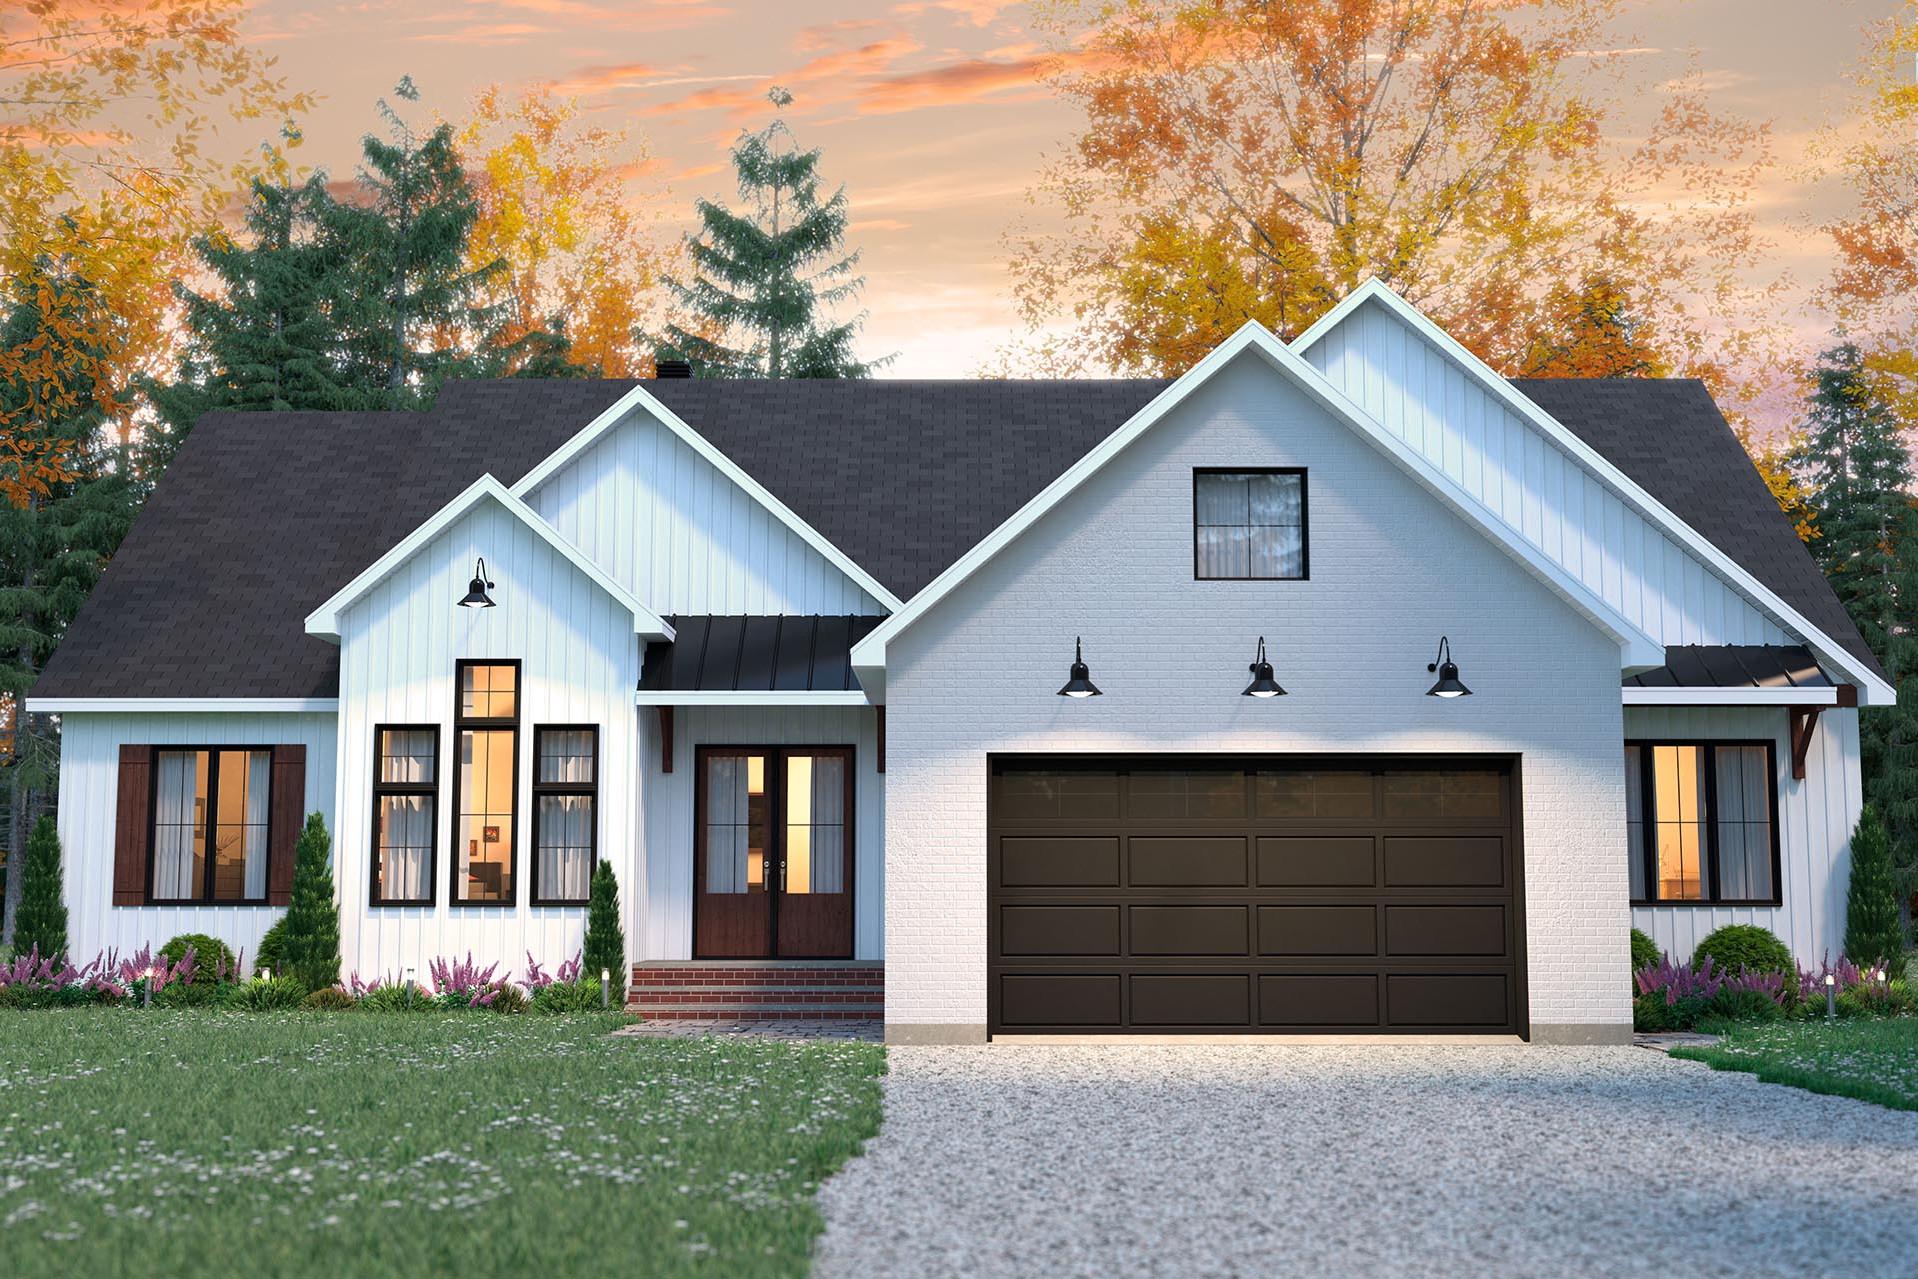 conception plan de maison vue de face